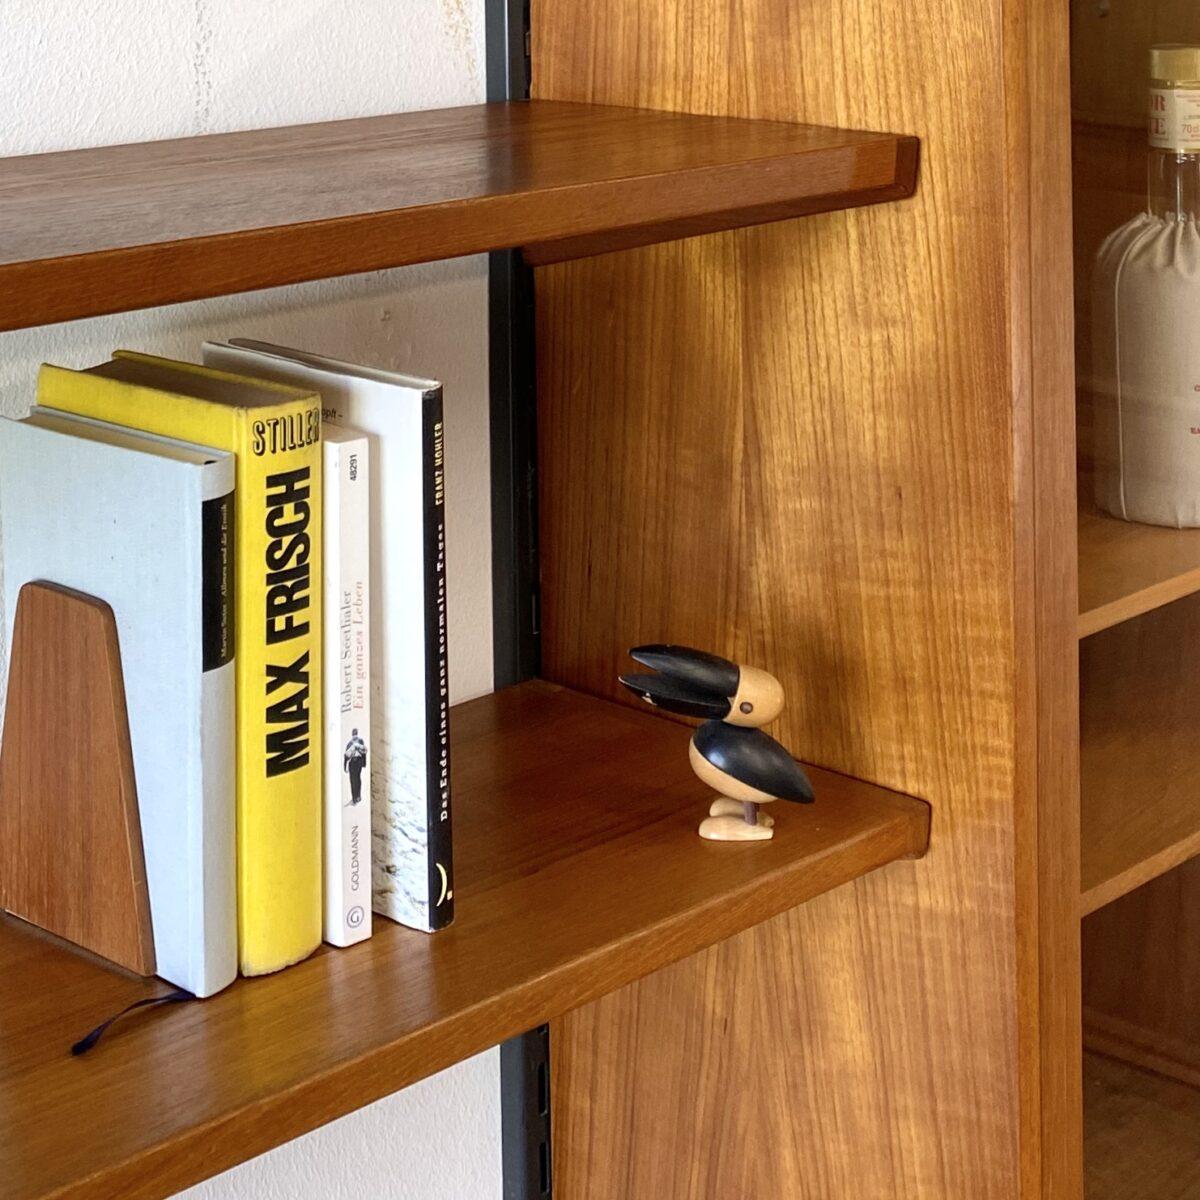 Deuxieme.shop danish design furniture early 60s. Kleiner Pelikan von Gunnar Flørning für Laurids Lønborg, made in denmark. Der Pelikan ist aus Ahornholz, die Holzteile sind gesteckt und lassen sich in verschiedene Positionen drehen, ca. 8cm hoch.